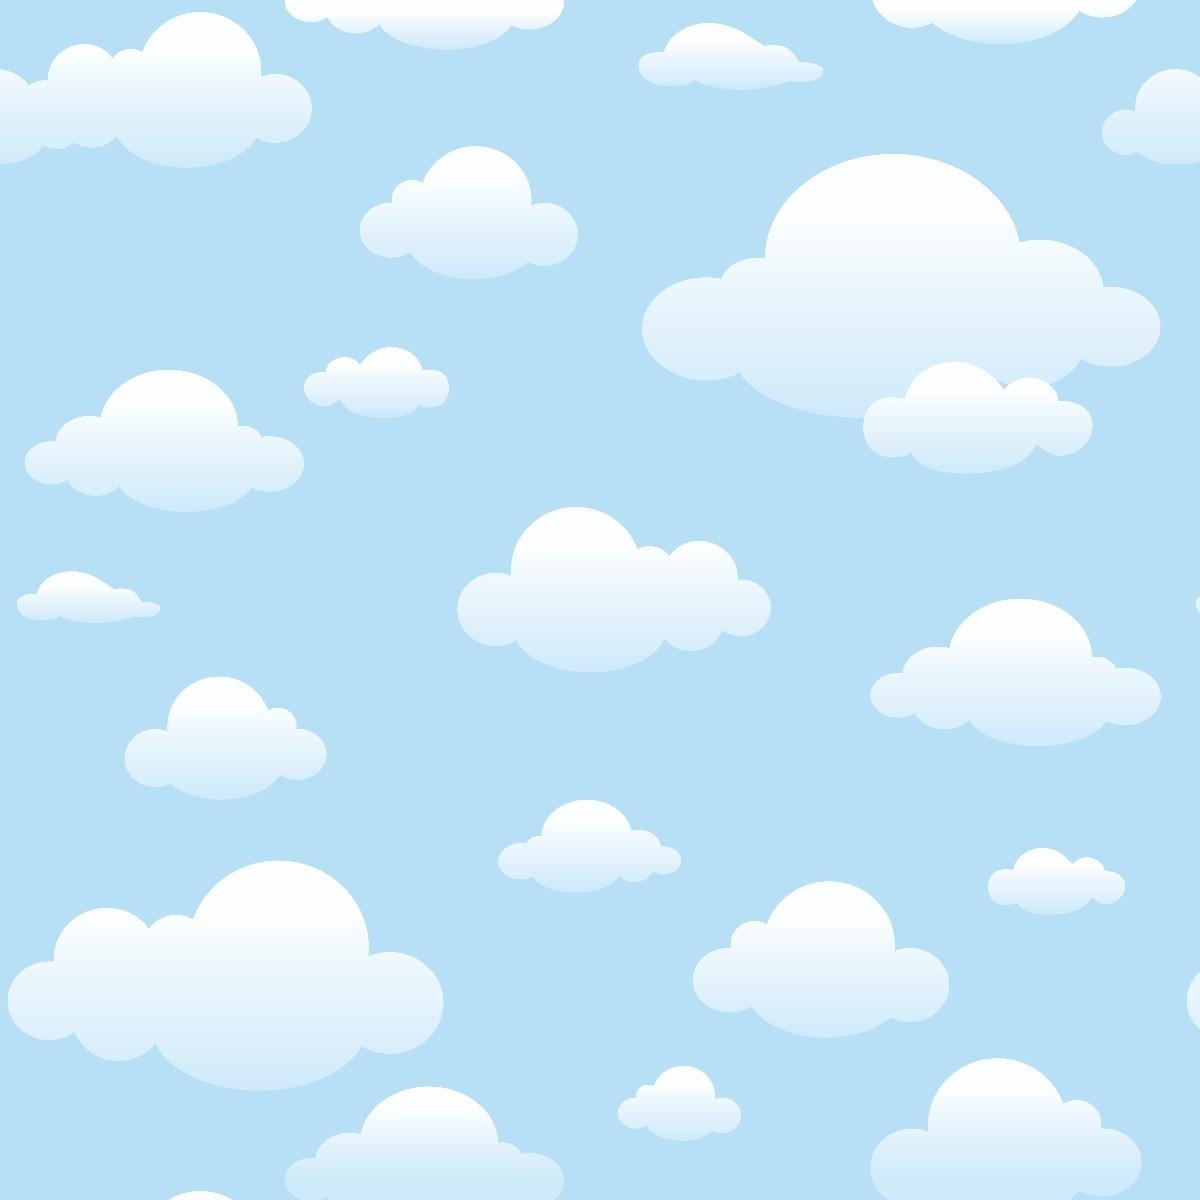 Papel De Parede Infantil Ceu Azul Nuvens Adesivo 2 5m 1341 R